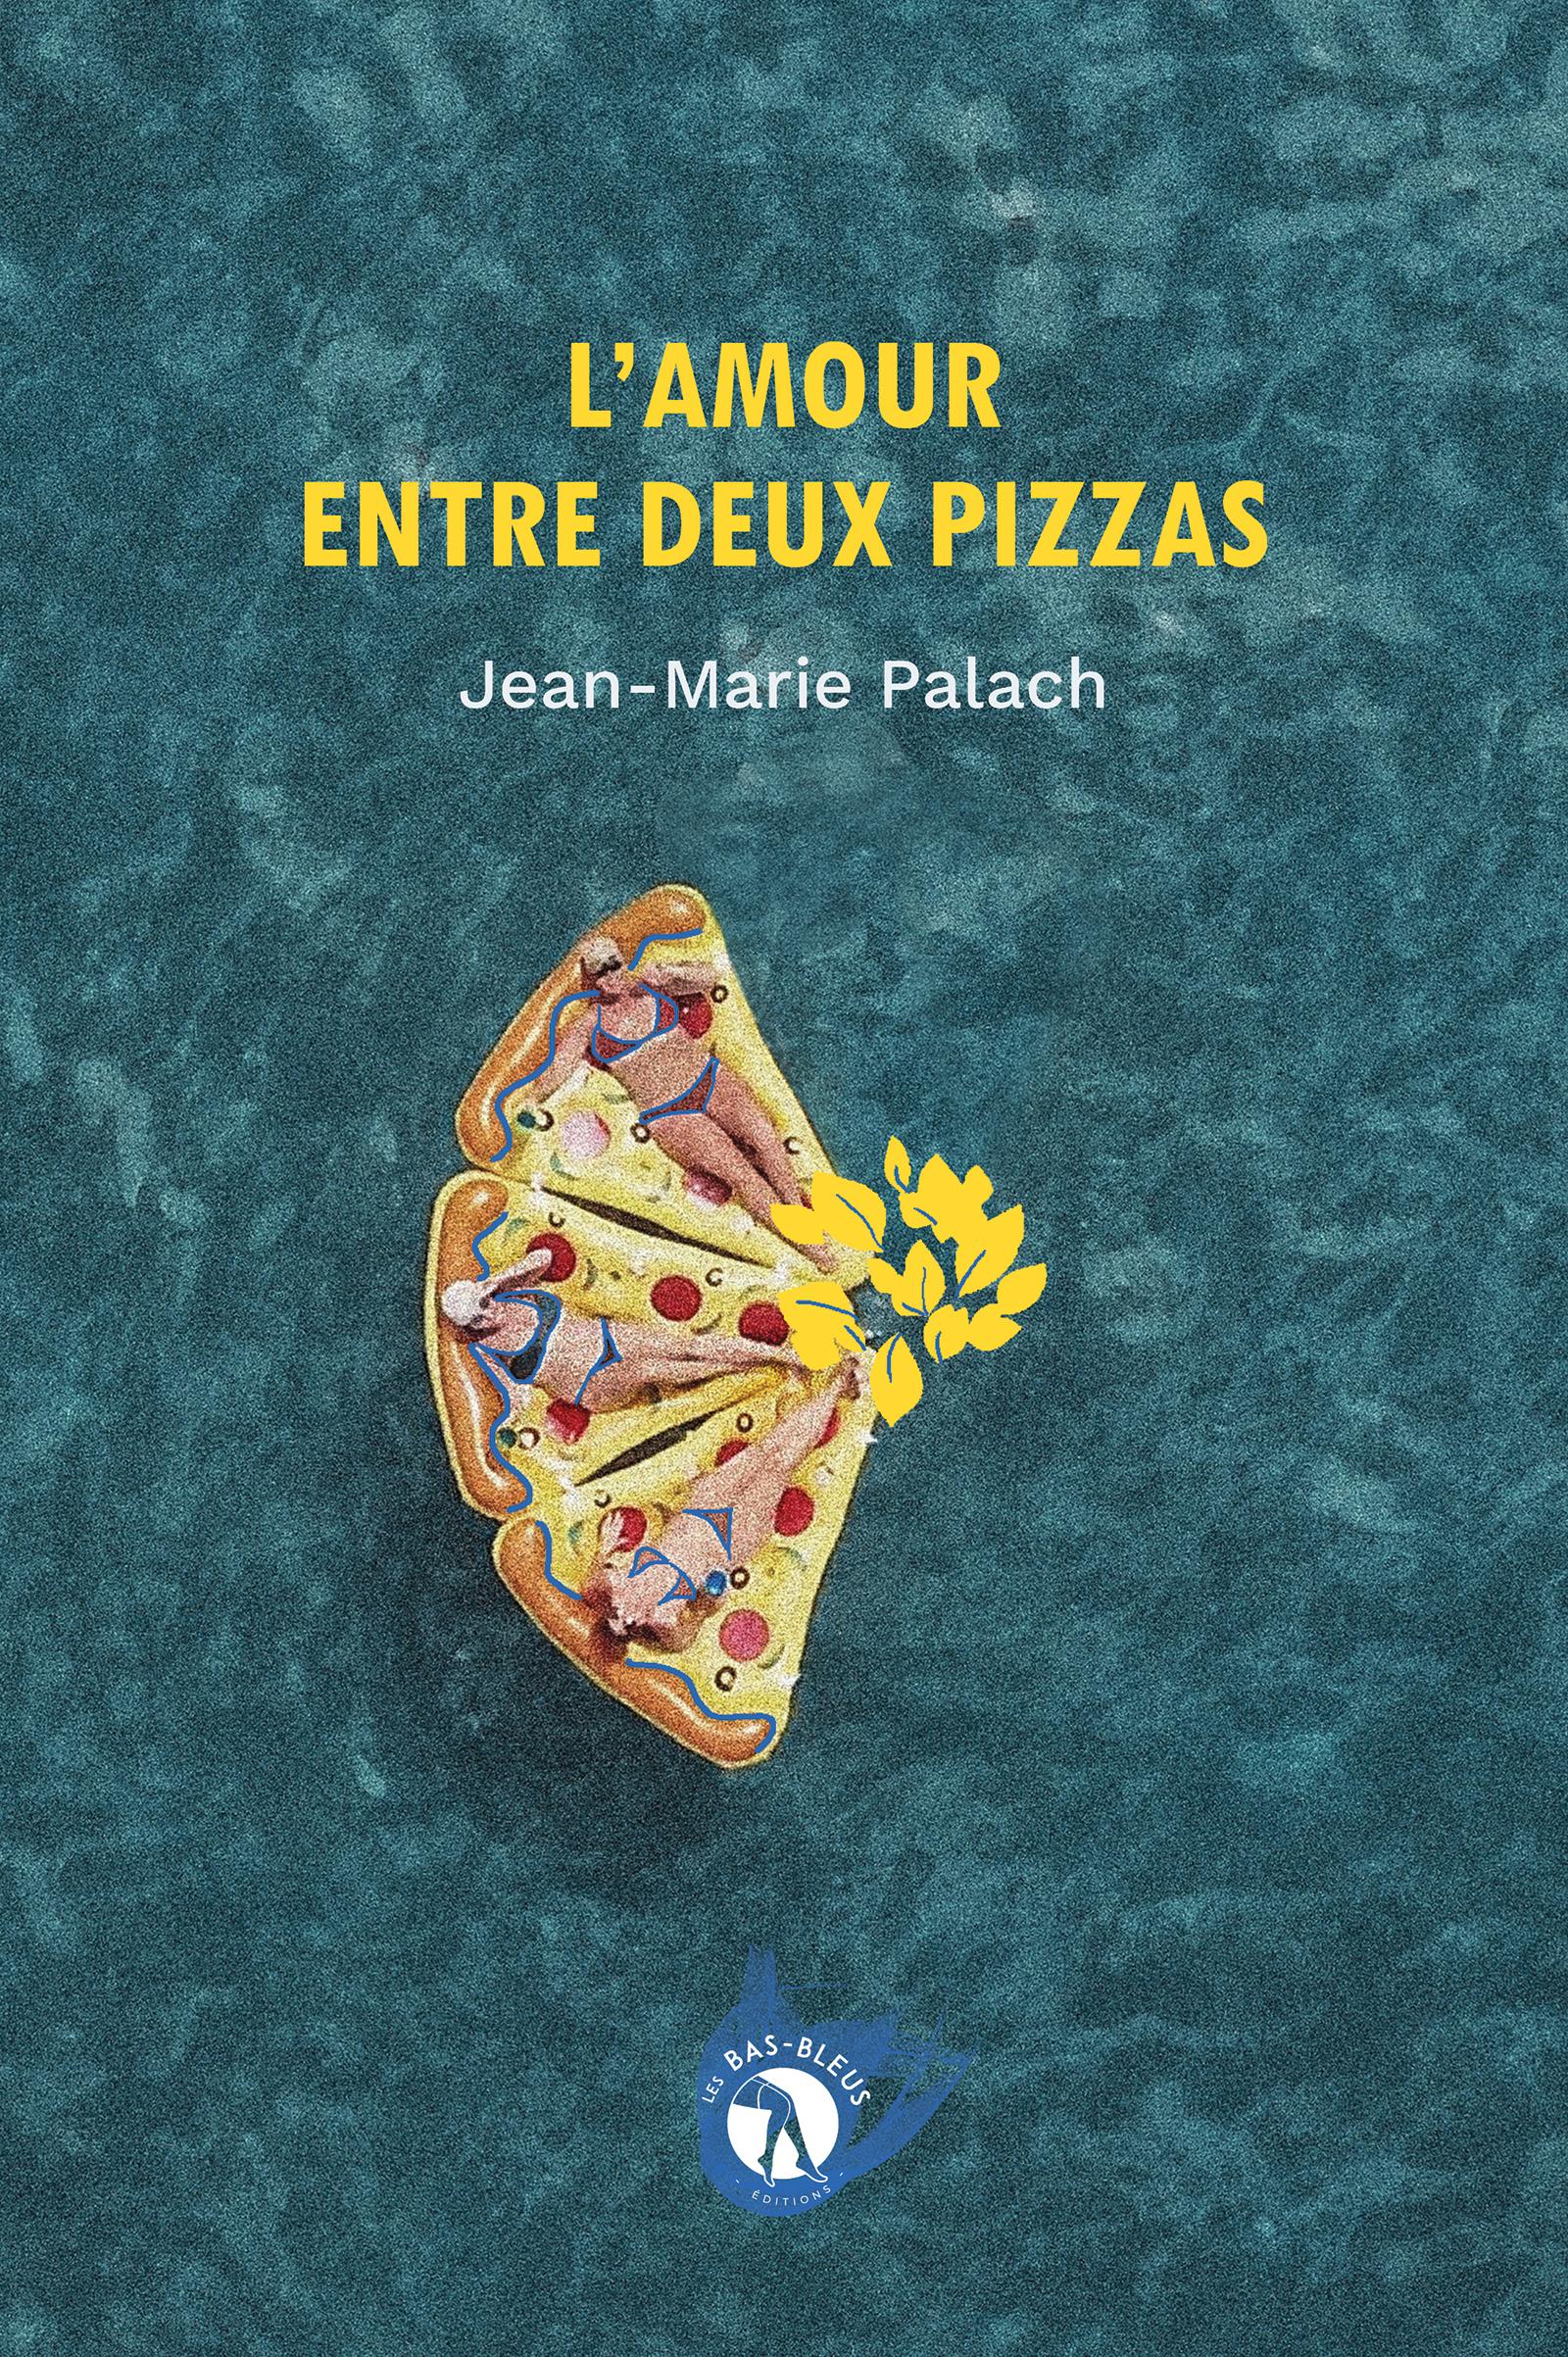 L'Amour entre deux pizzas